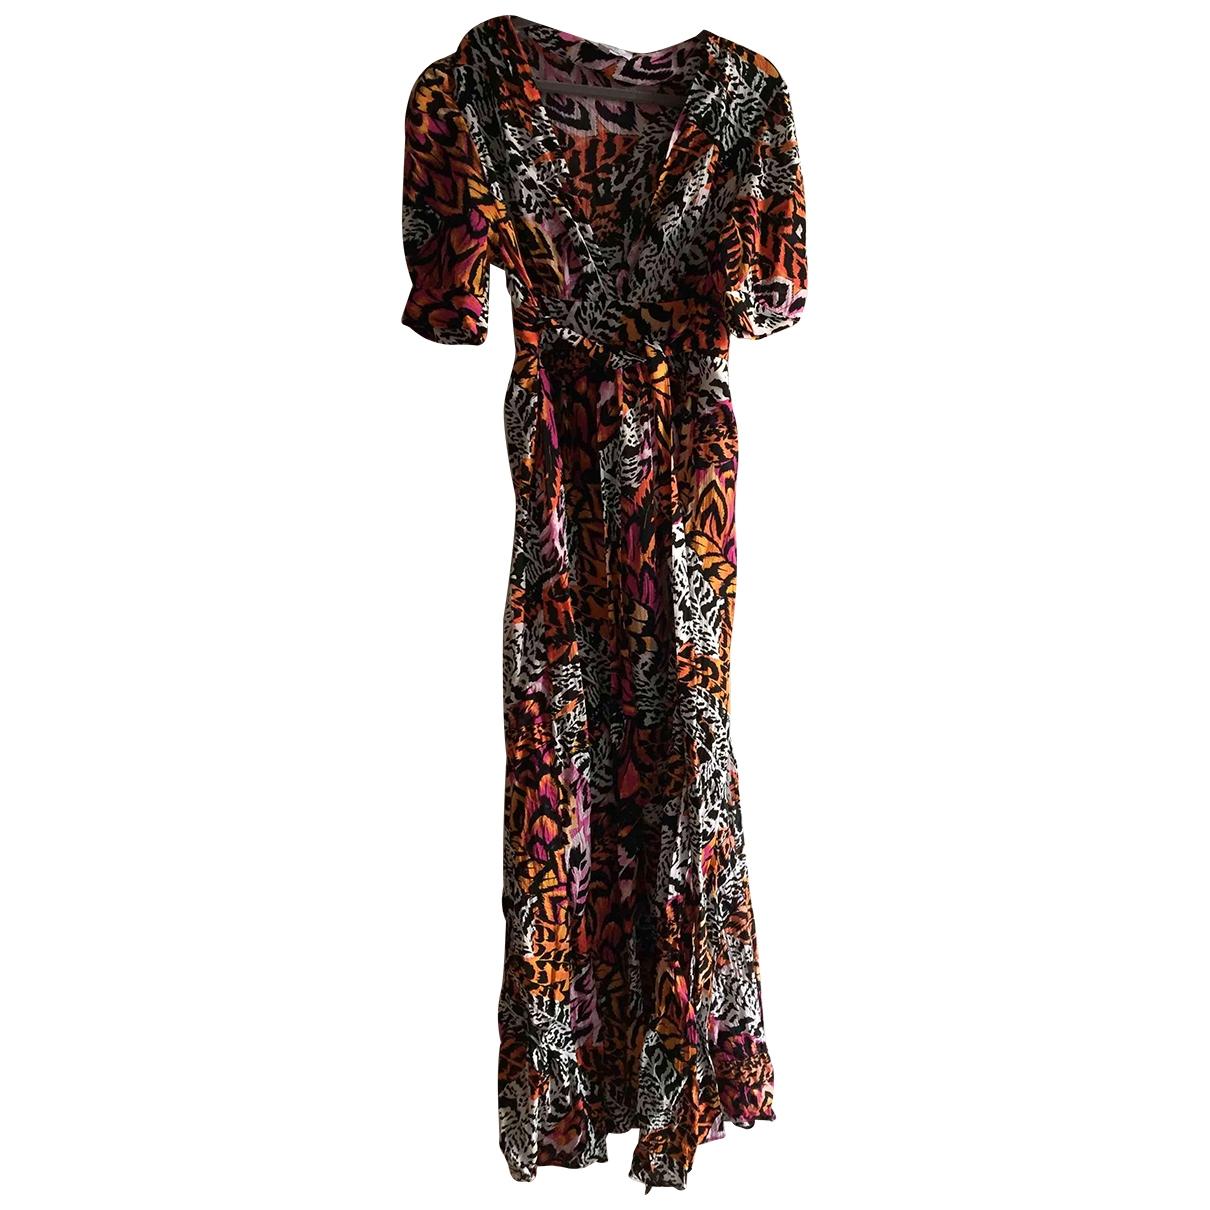 & Stories \N Multicolour dress for Women 42 FR